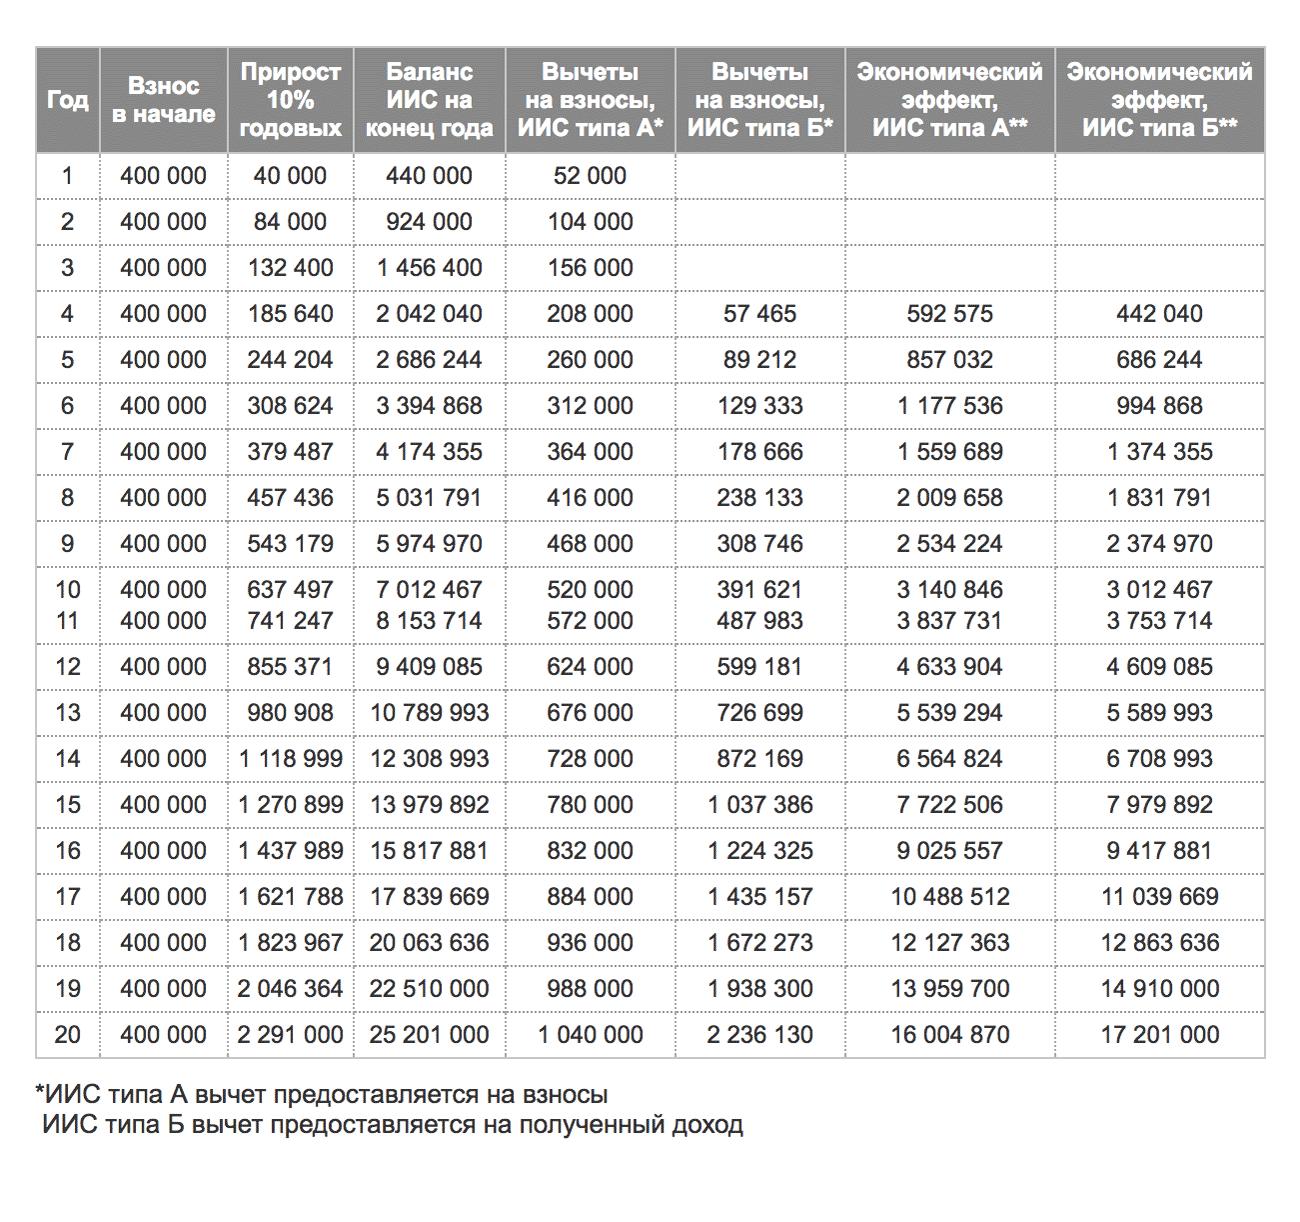 Расчет экономического эффекта вычетов на взносы и на доход, сделанный Московской биржей